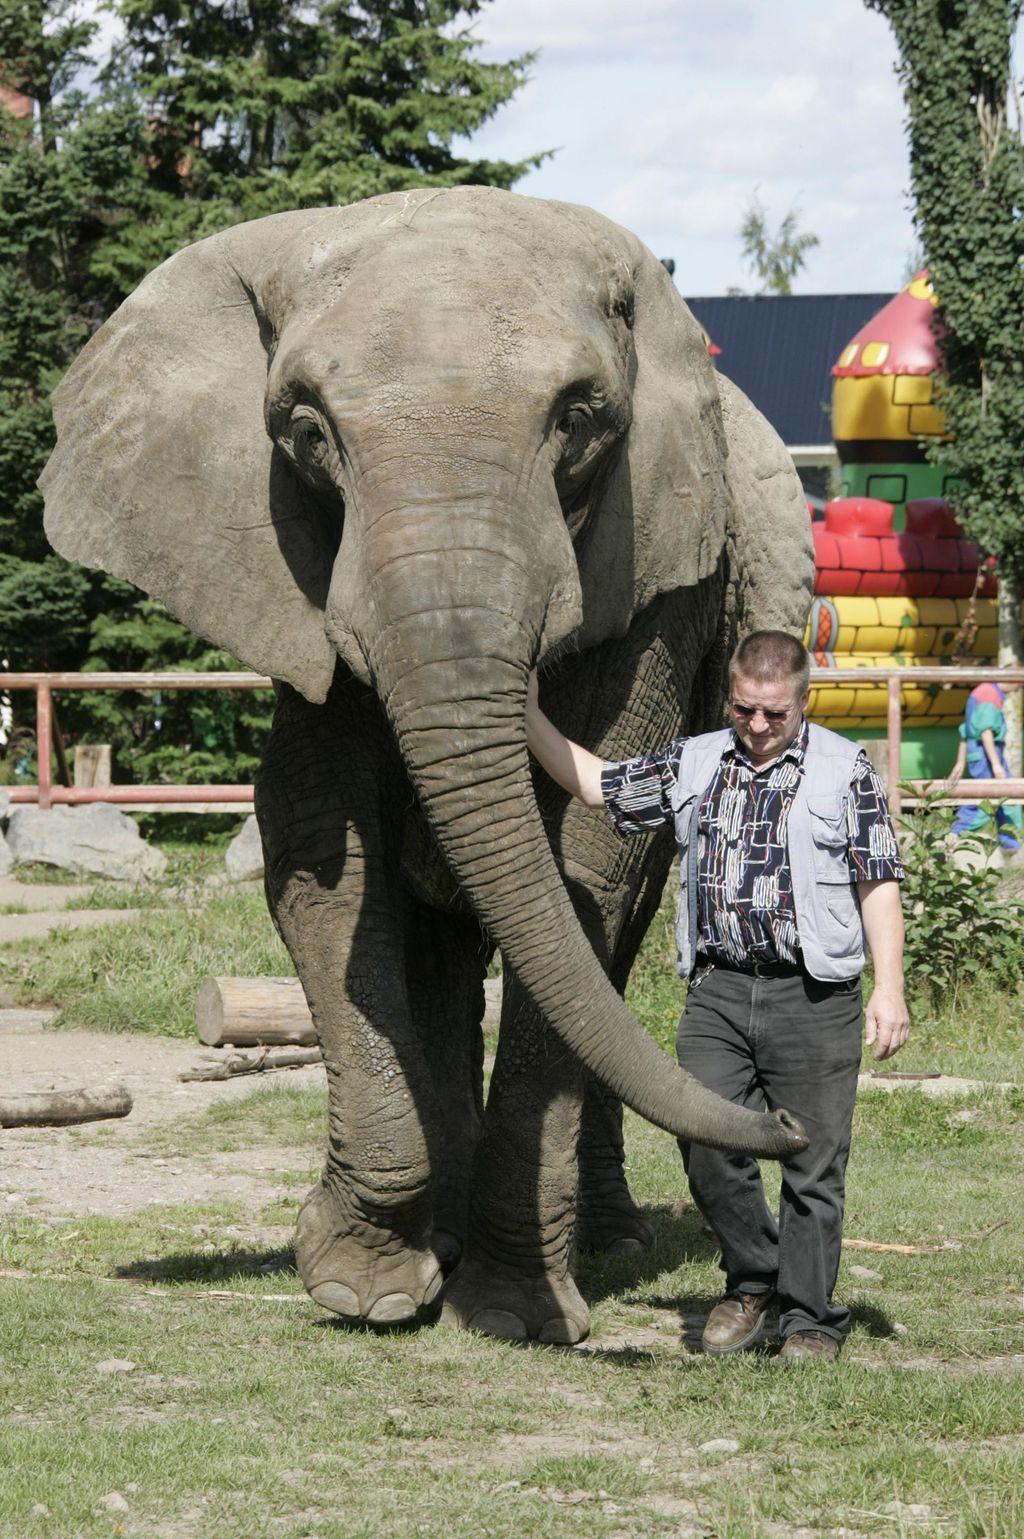 Vanni eli elämänsä sirkuksissa ja eläintarhoissa. Viimeisen elinvuotensa aikana se muutti Liedosta ukrainalaiseen eläintarhaan.